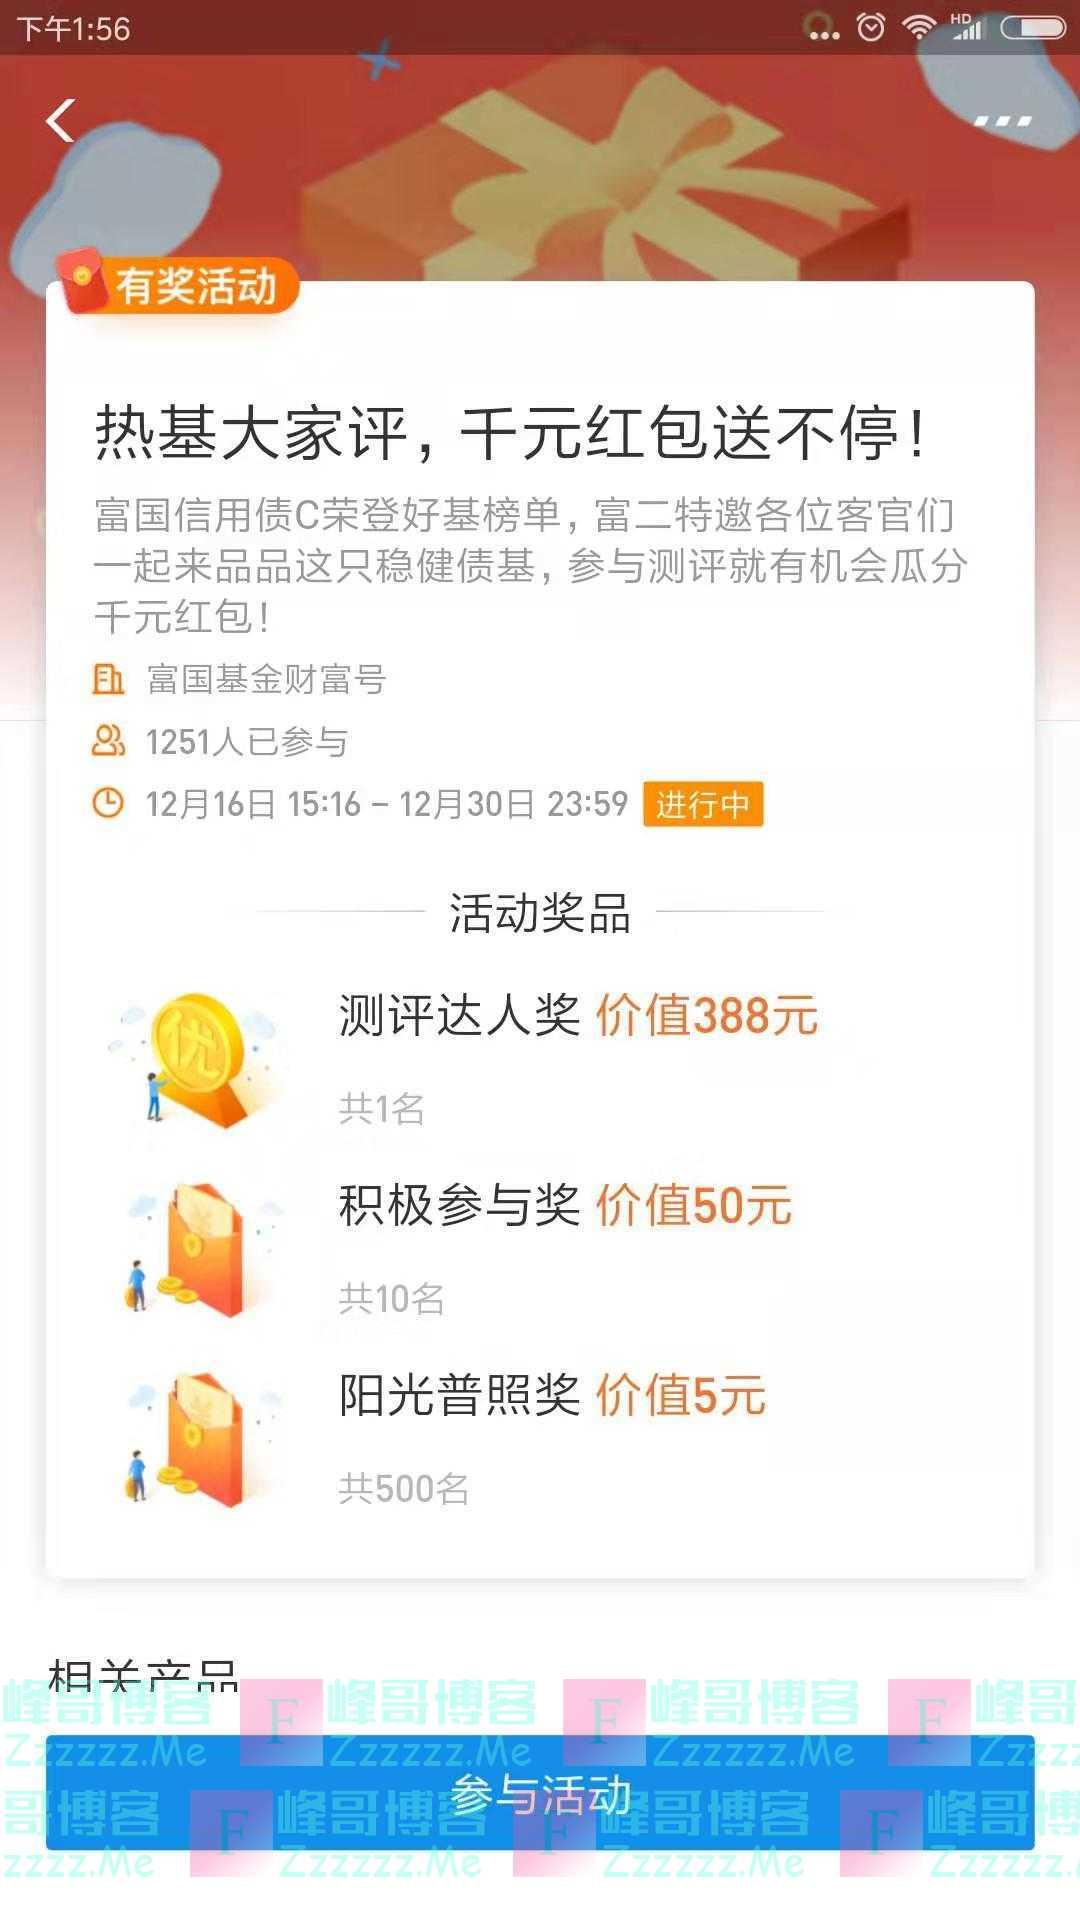 富国基金热基大奖评 千元红包送不停(截止12月30日)